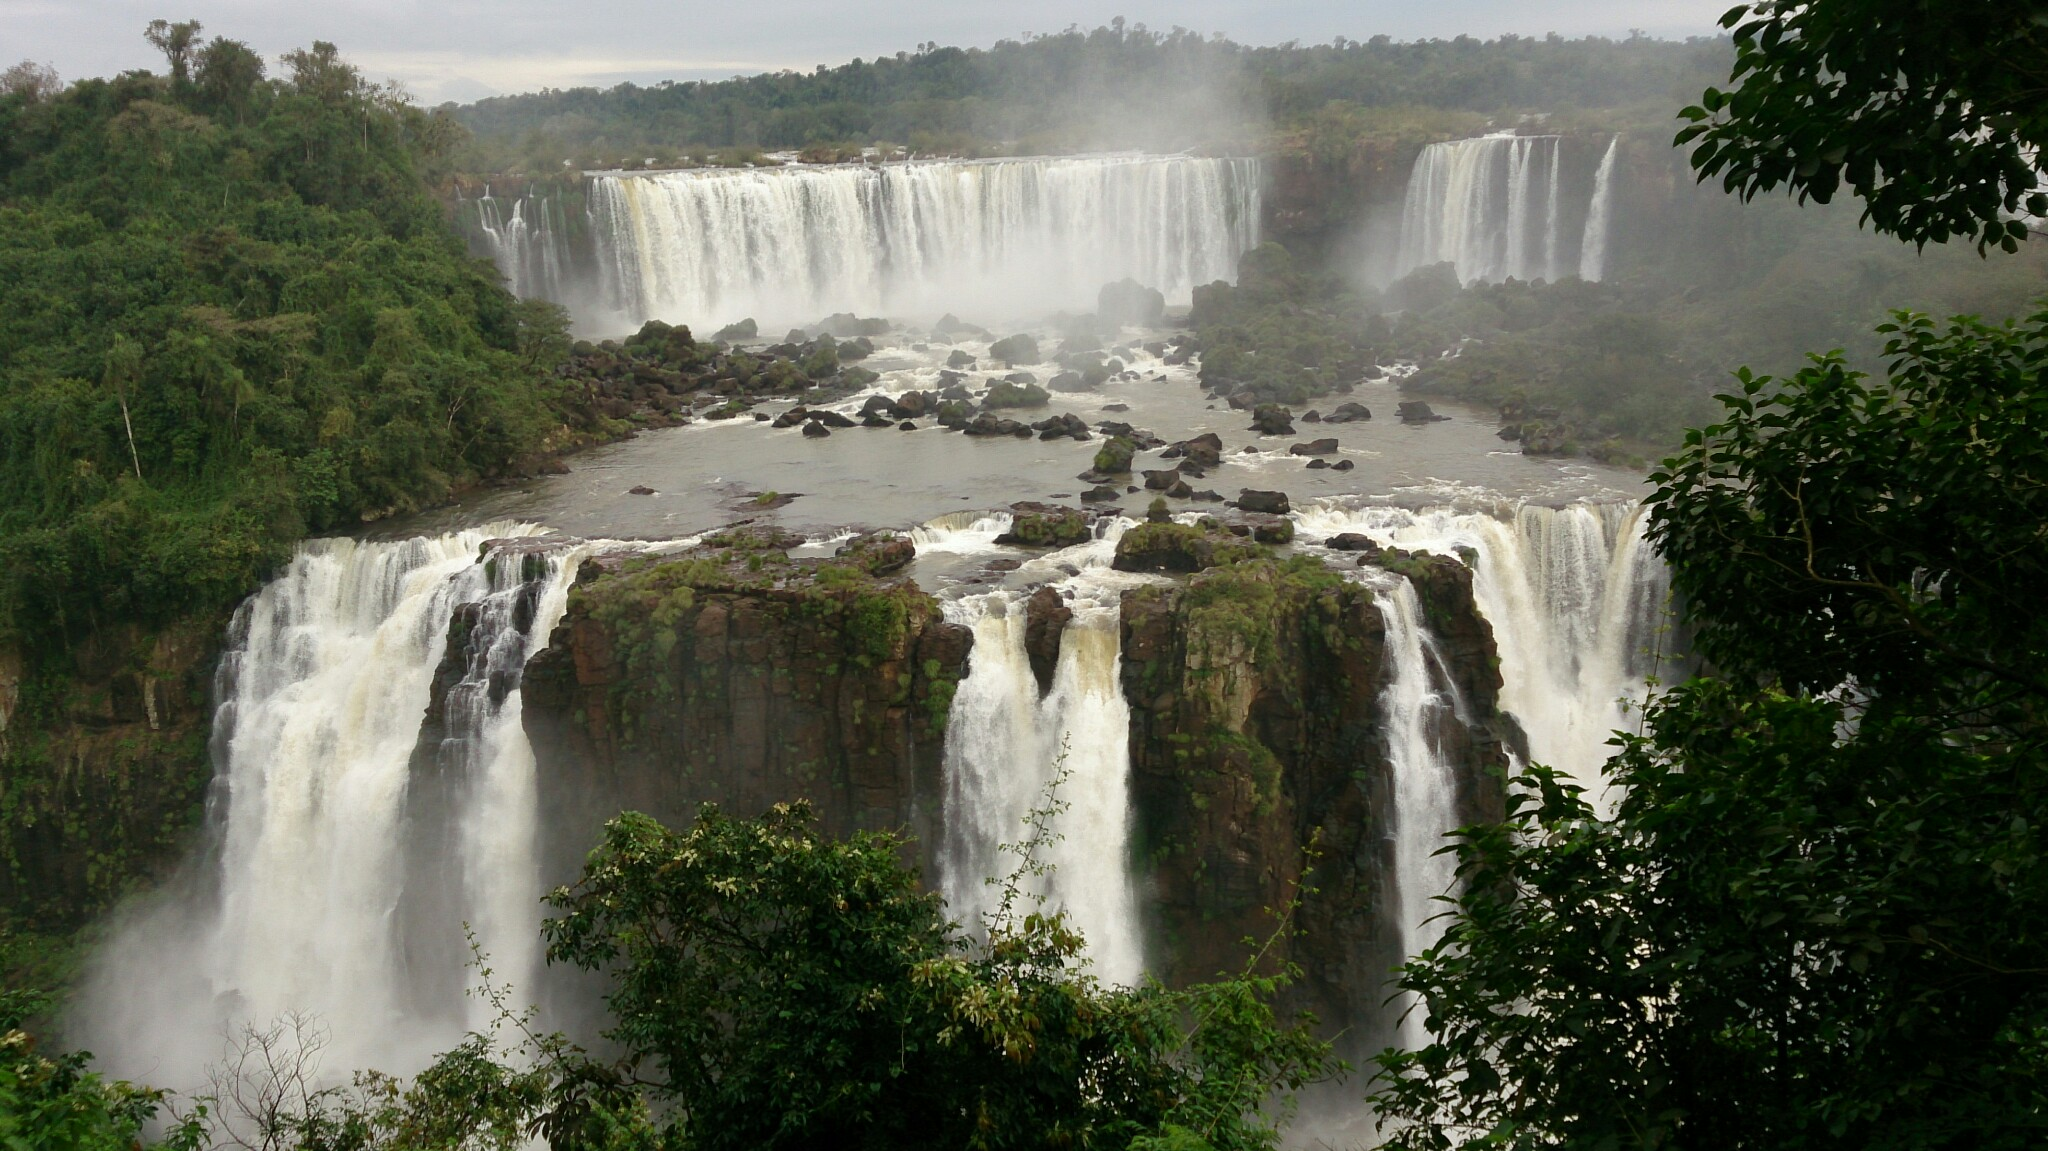 Roteiro-foz-do-igua%C3%A7u-cataratas-brasil-1 Roteiro Foz do Iguaçu Completo (e ÉPICO) - 3 a 5 dias